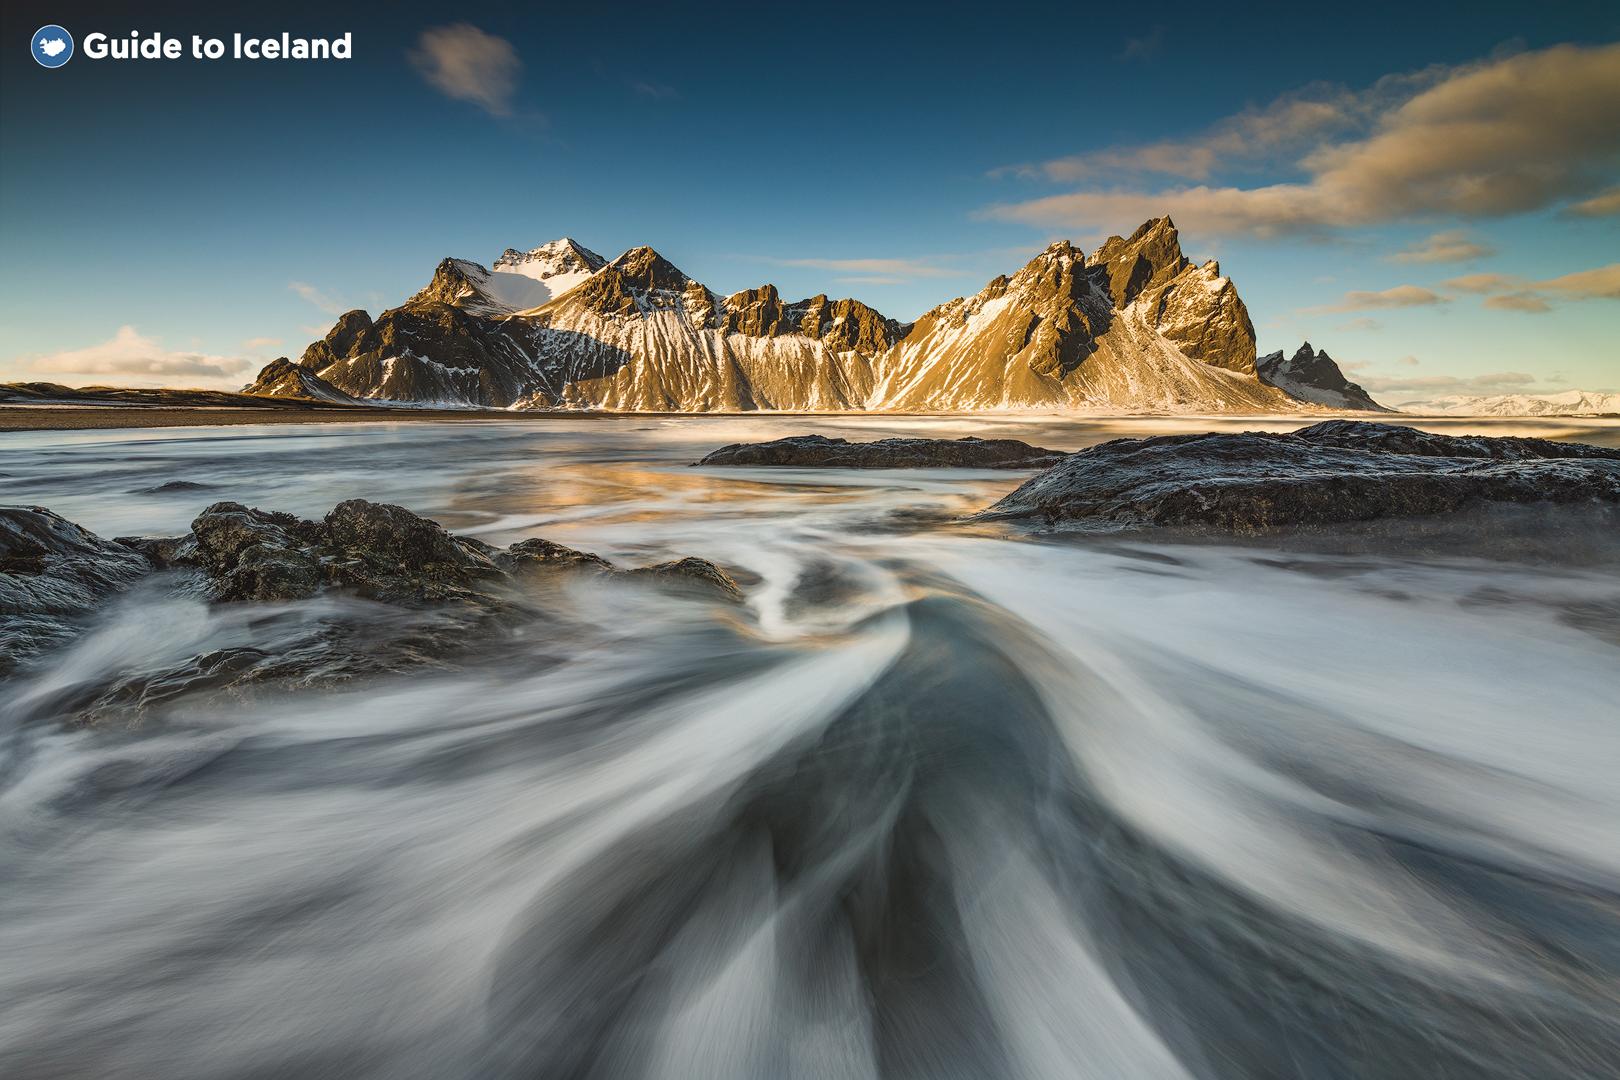 아이슬란드 남동부의 반려암 산, 베스트라혼